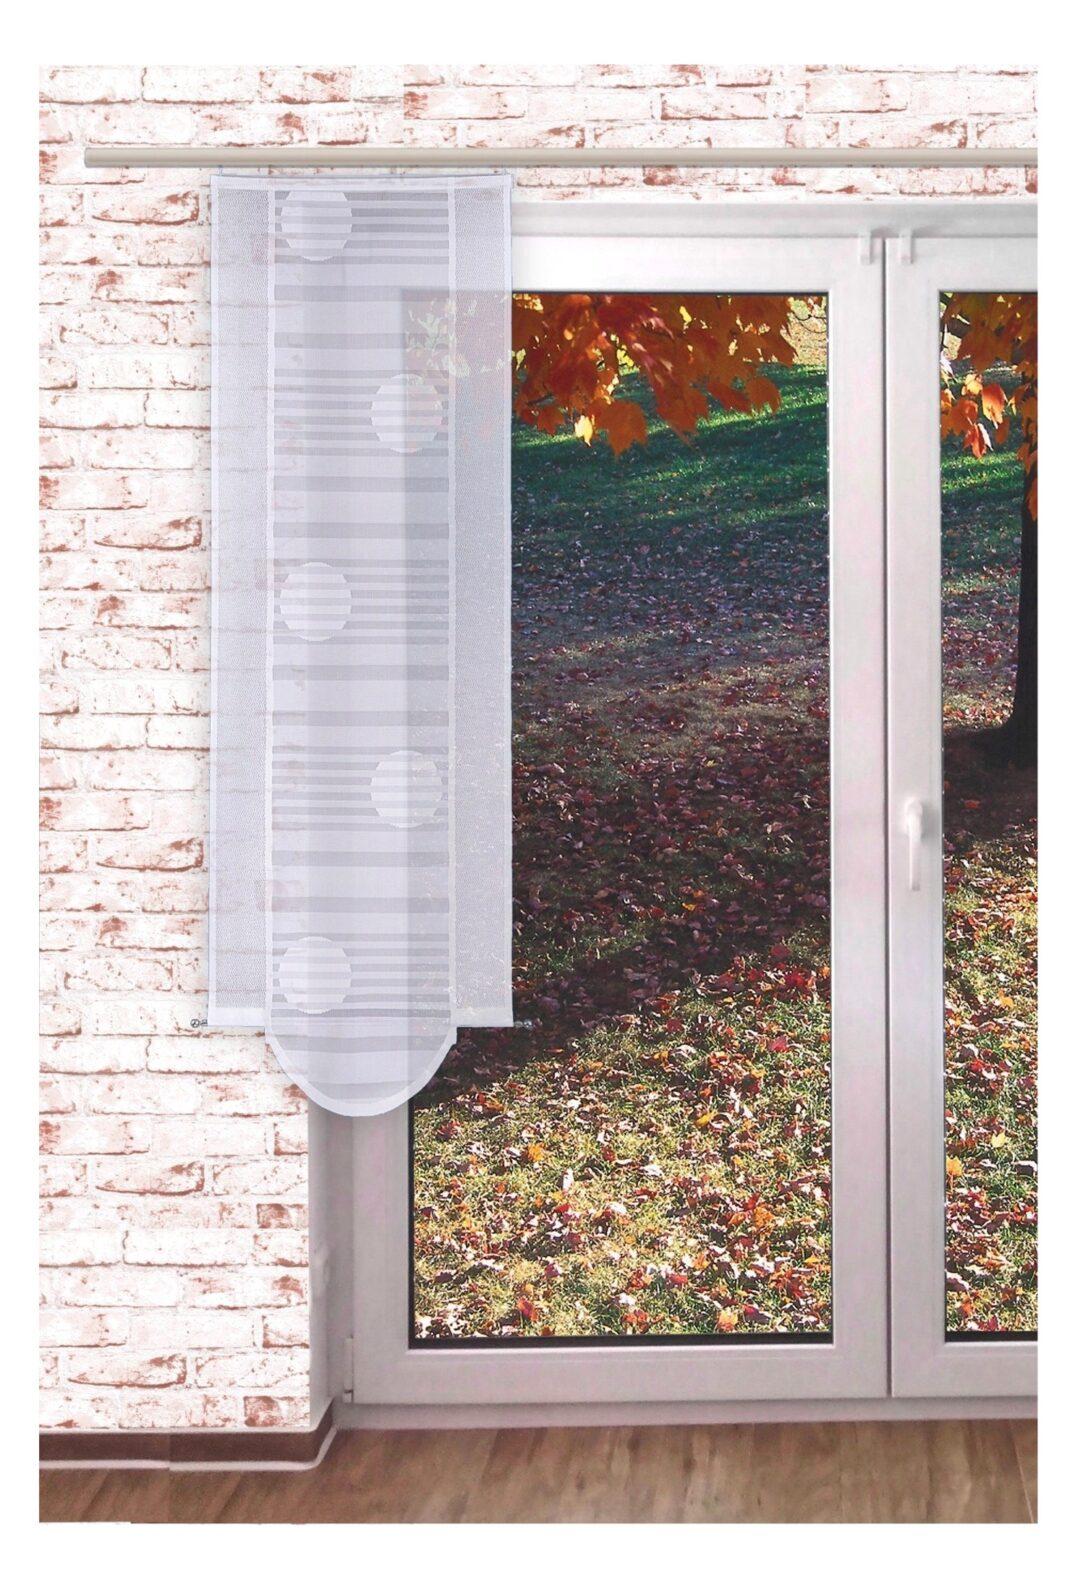 Large Size of Gardinen Welt Online Shop Transparente Schiebegardine Kreis In Bad Vorhang Wohnzimmer Küche Wohnzimmer Vorhang Terrassentür